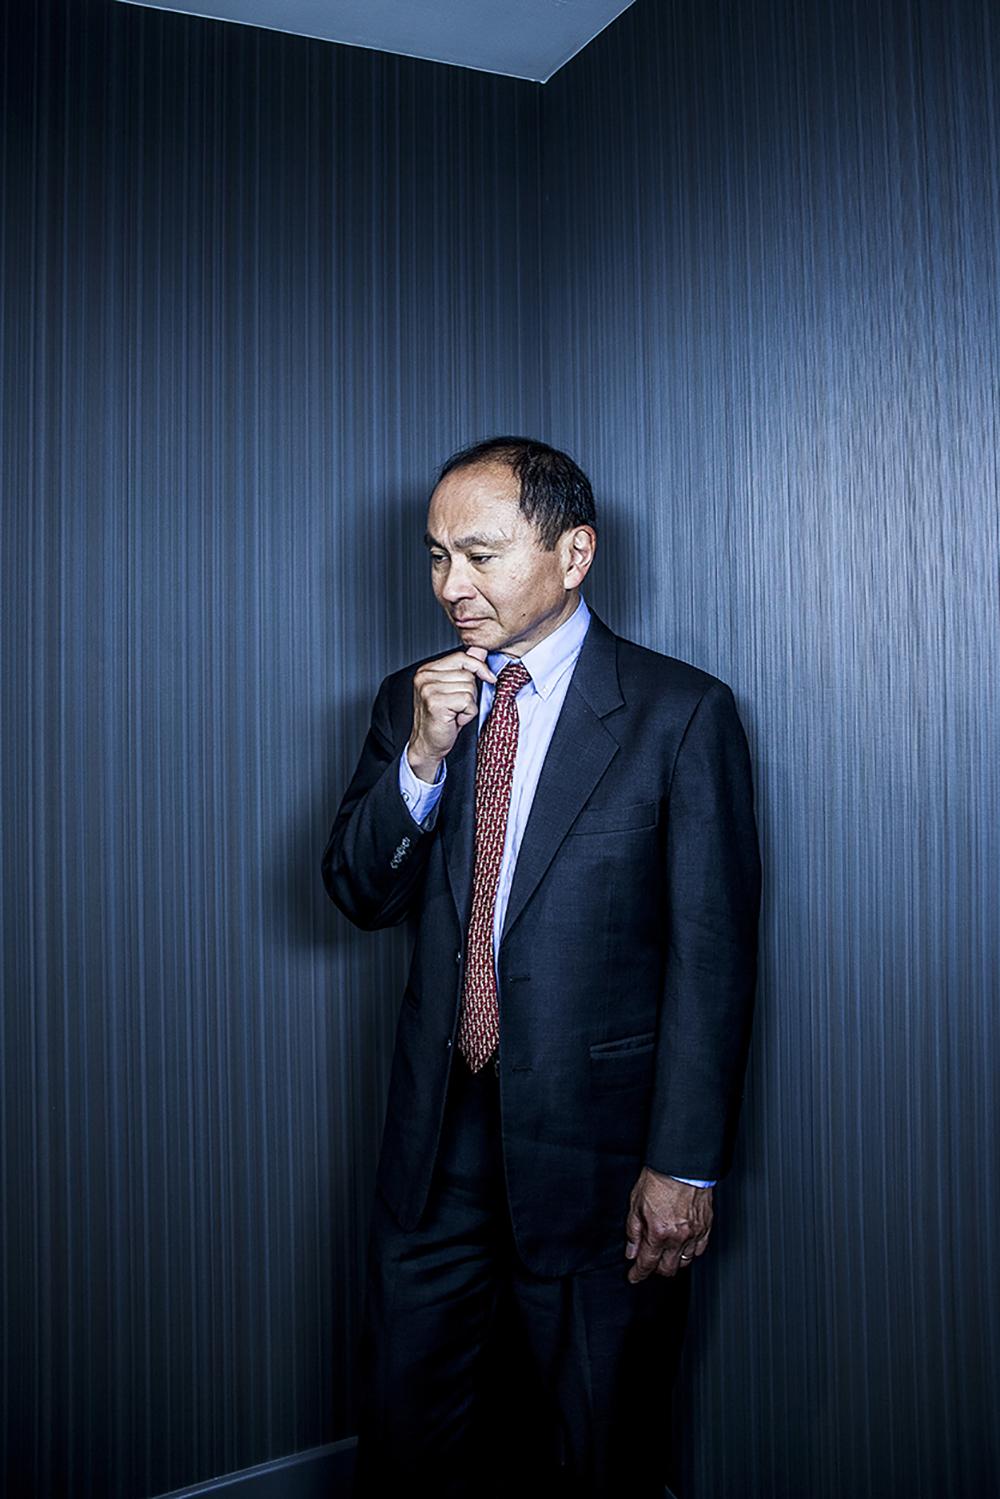 Francis Fukuyama in Paris in June 4, 2015.